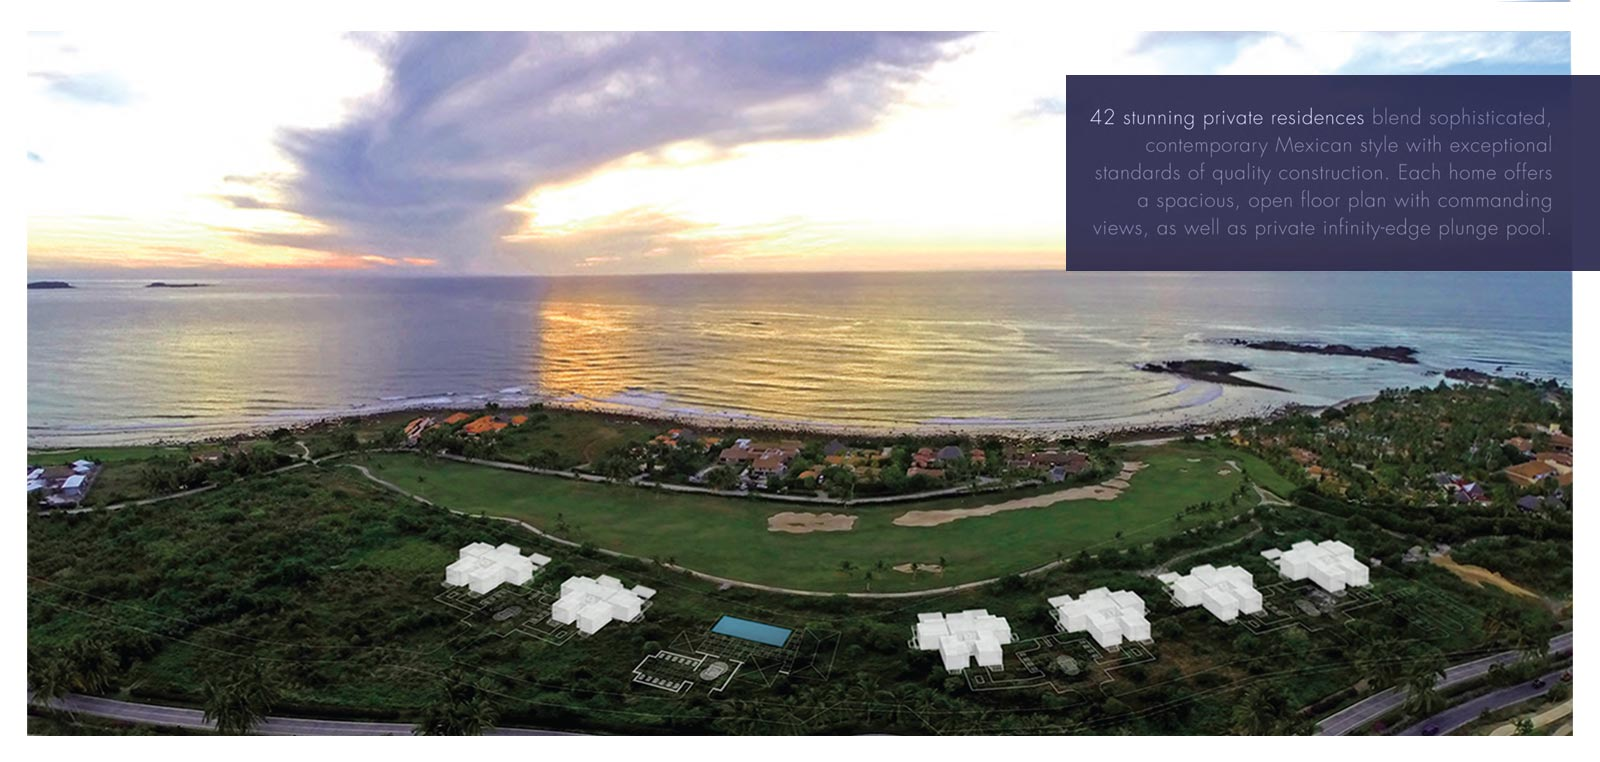 Las Marietas Punta Mita - Luxury resort condos for sale by the St. Regis Punta Mita, Mexico